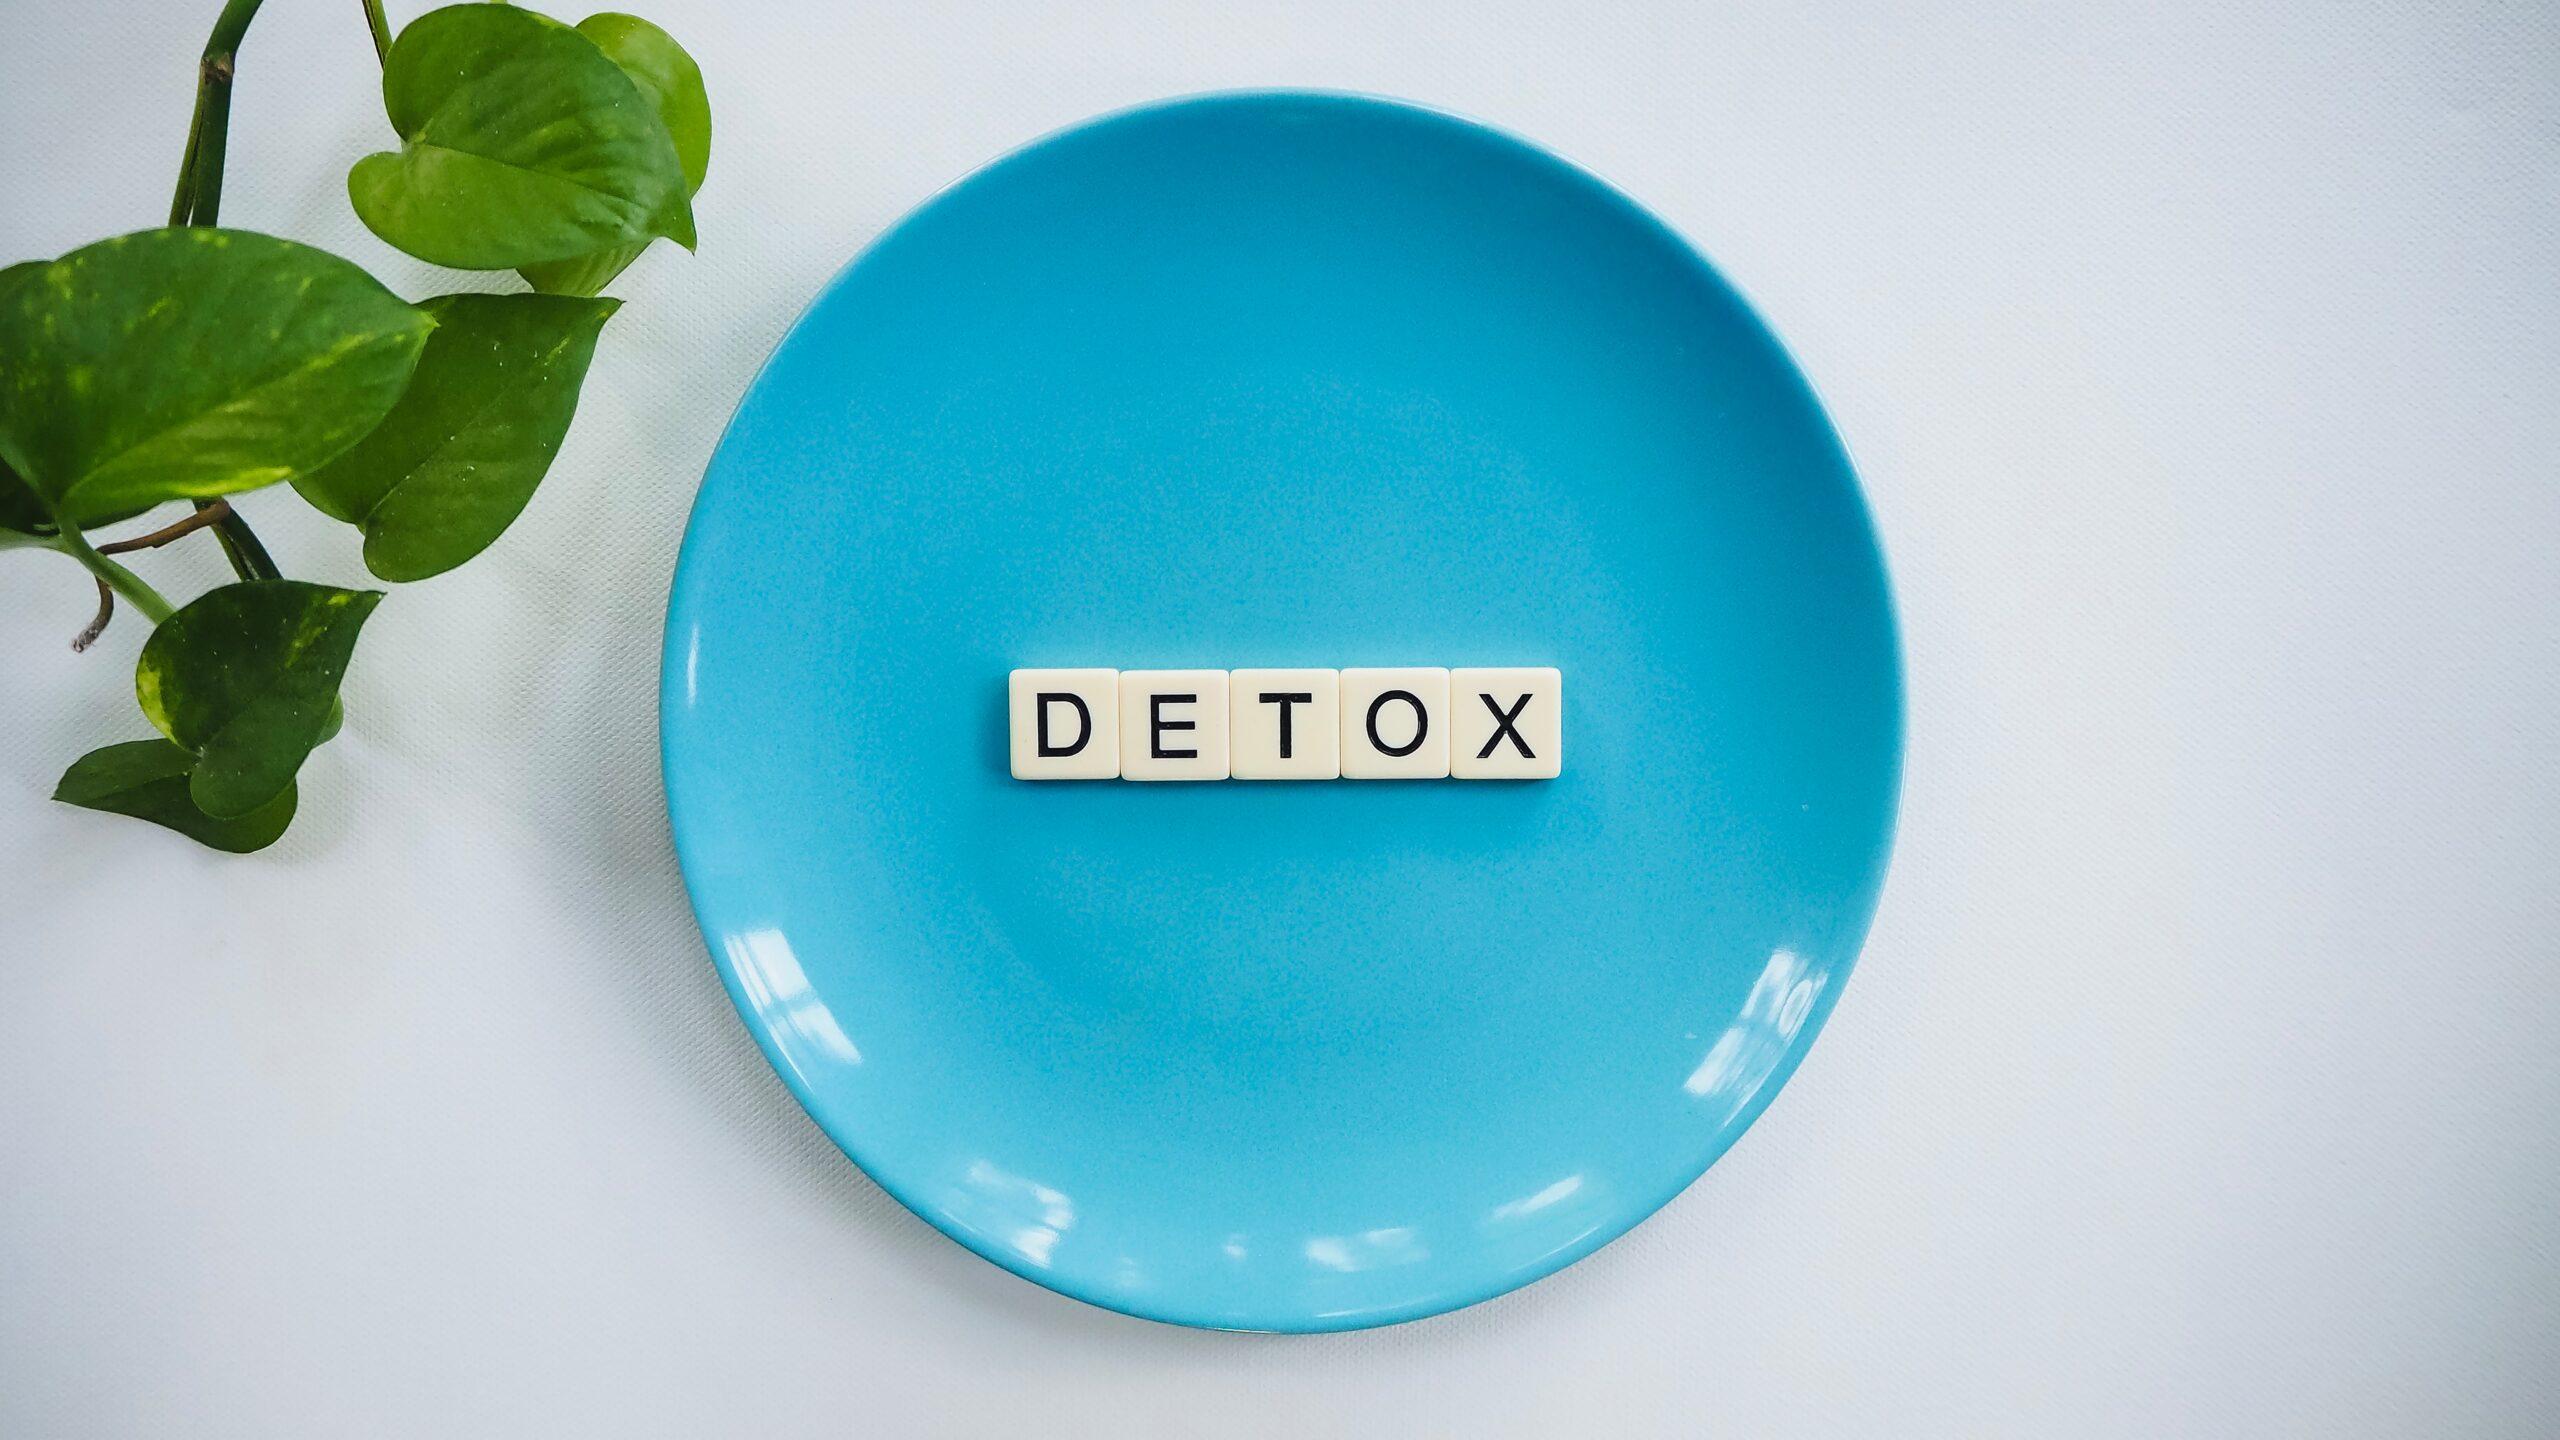 Dieta detox: come rimettersi in forma con il digiuno intermittente e il mima digiuno